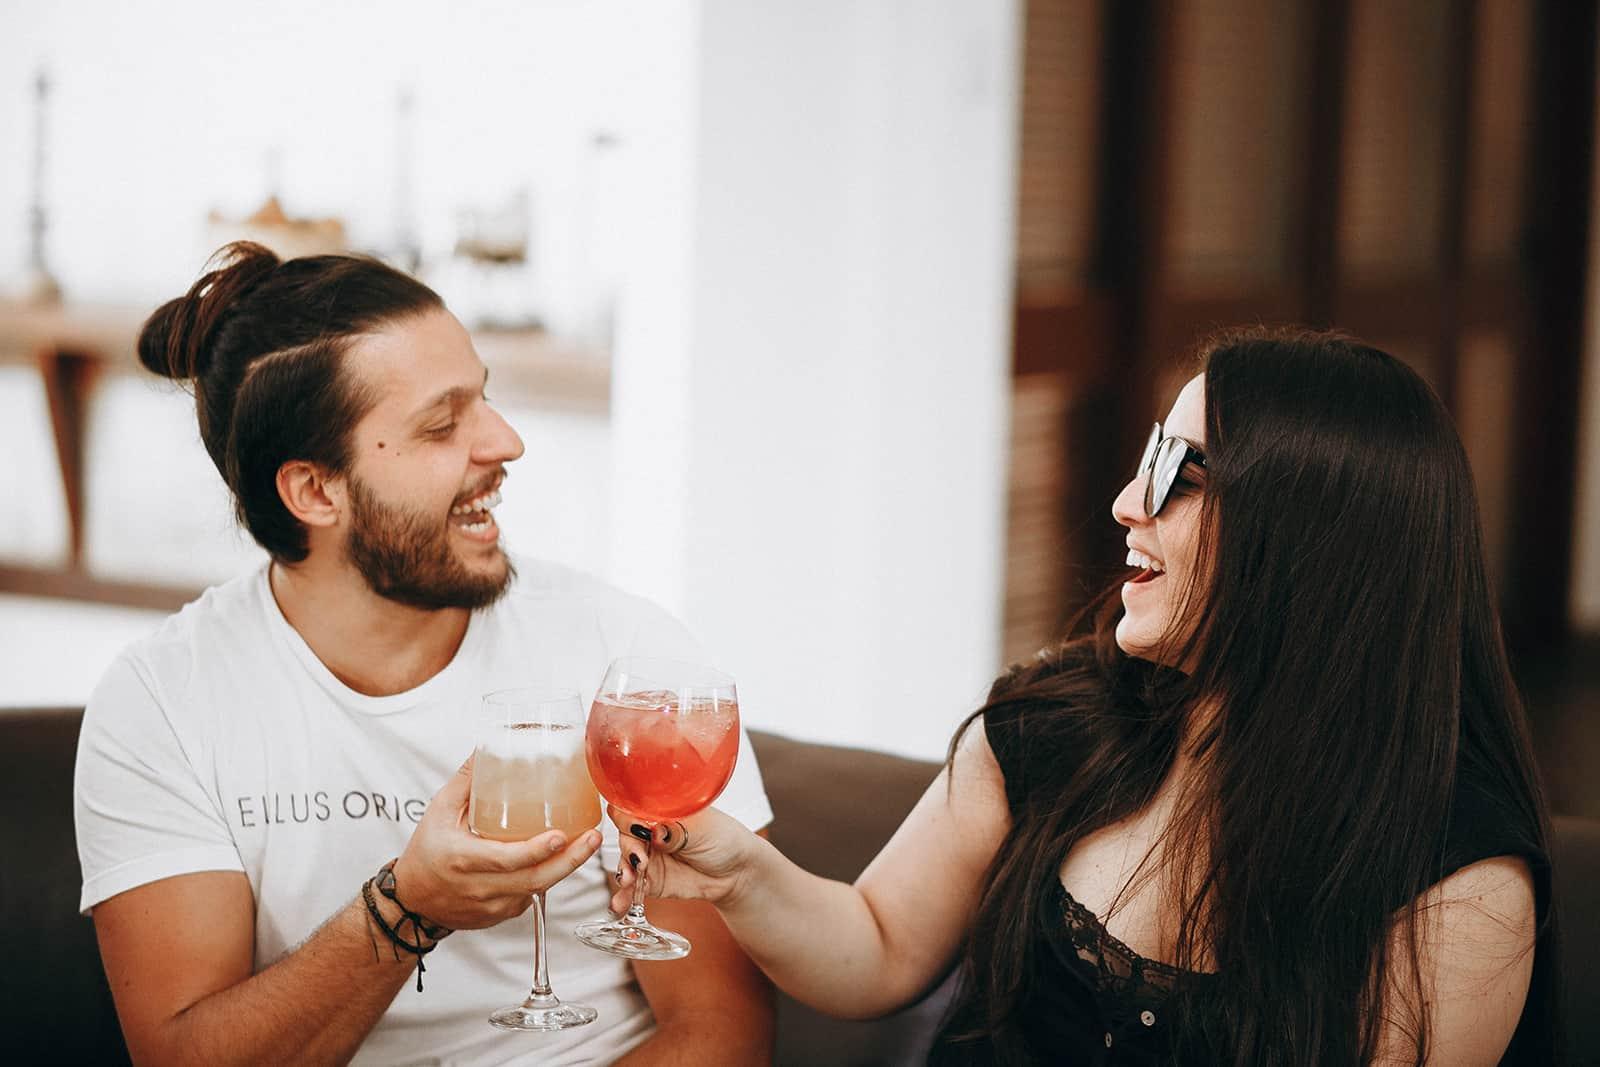 ein glückliches Paar, das mit Cocktails anstößt